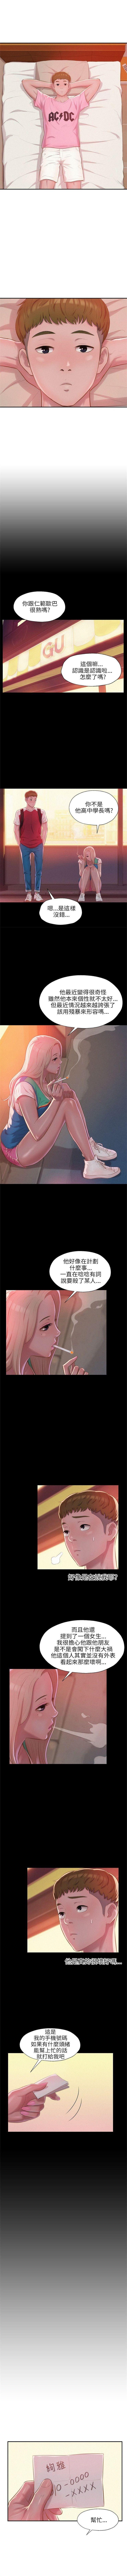 新生淫乱日记 1-61完结(中文) 150